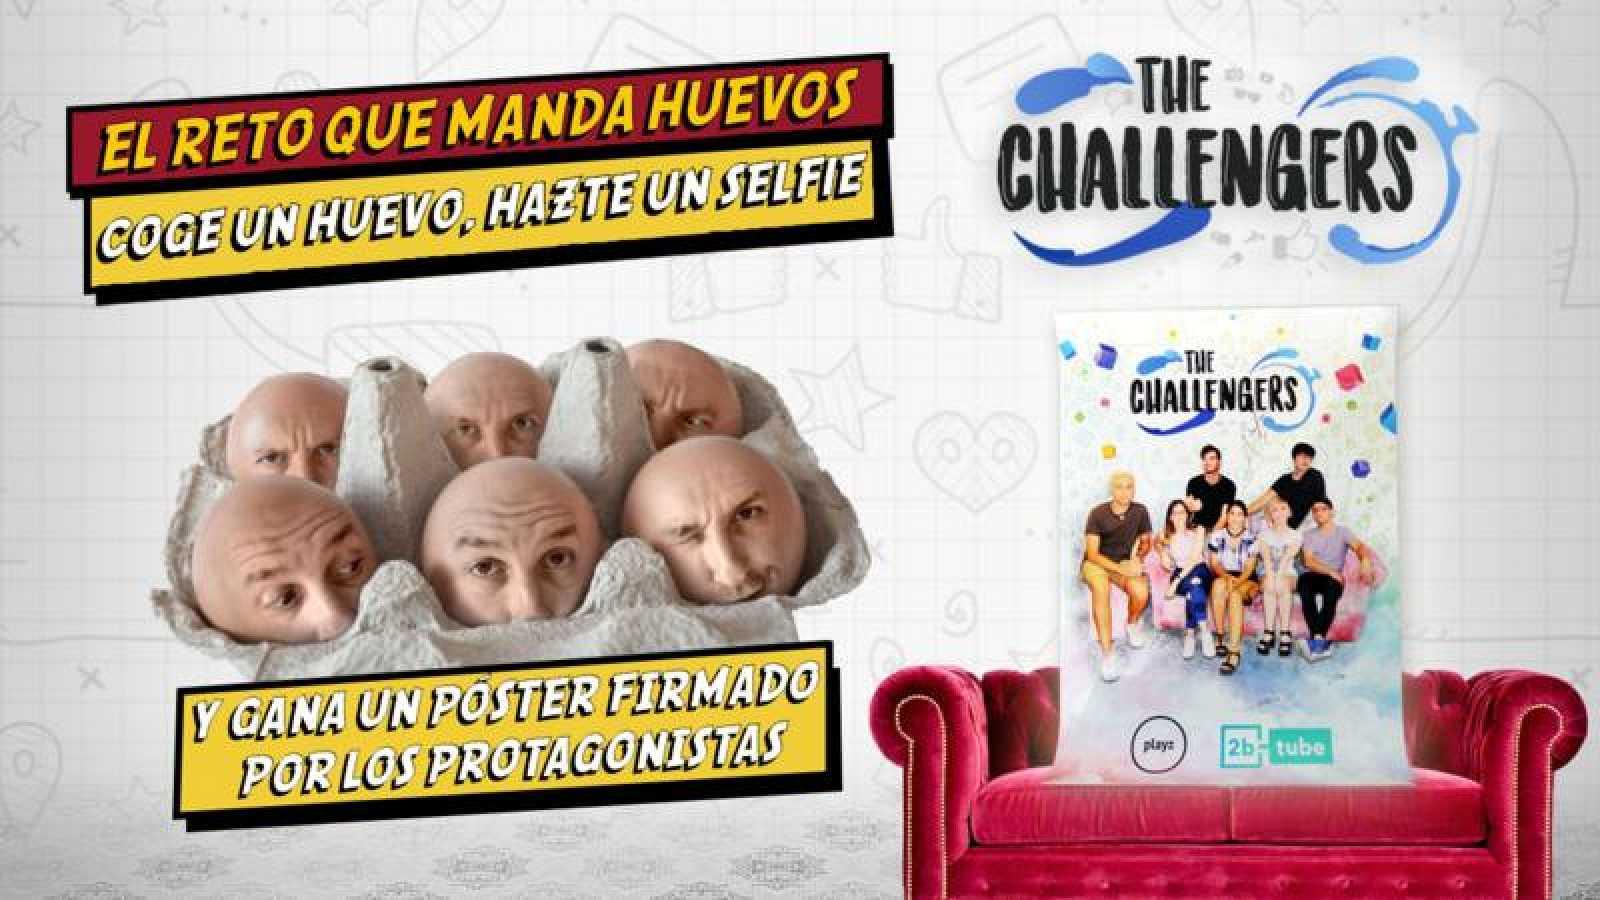 El reto de los huevos, el segundo concurso de 'The Challengers'